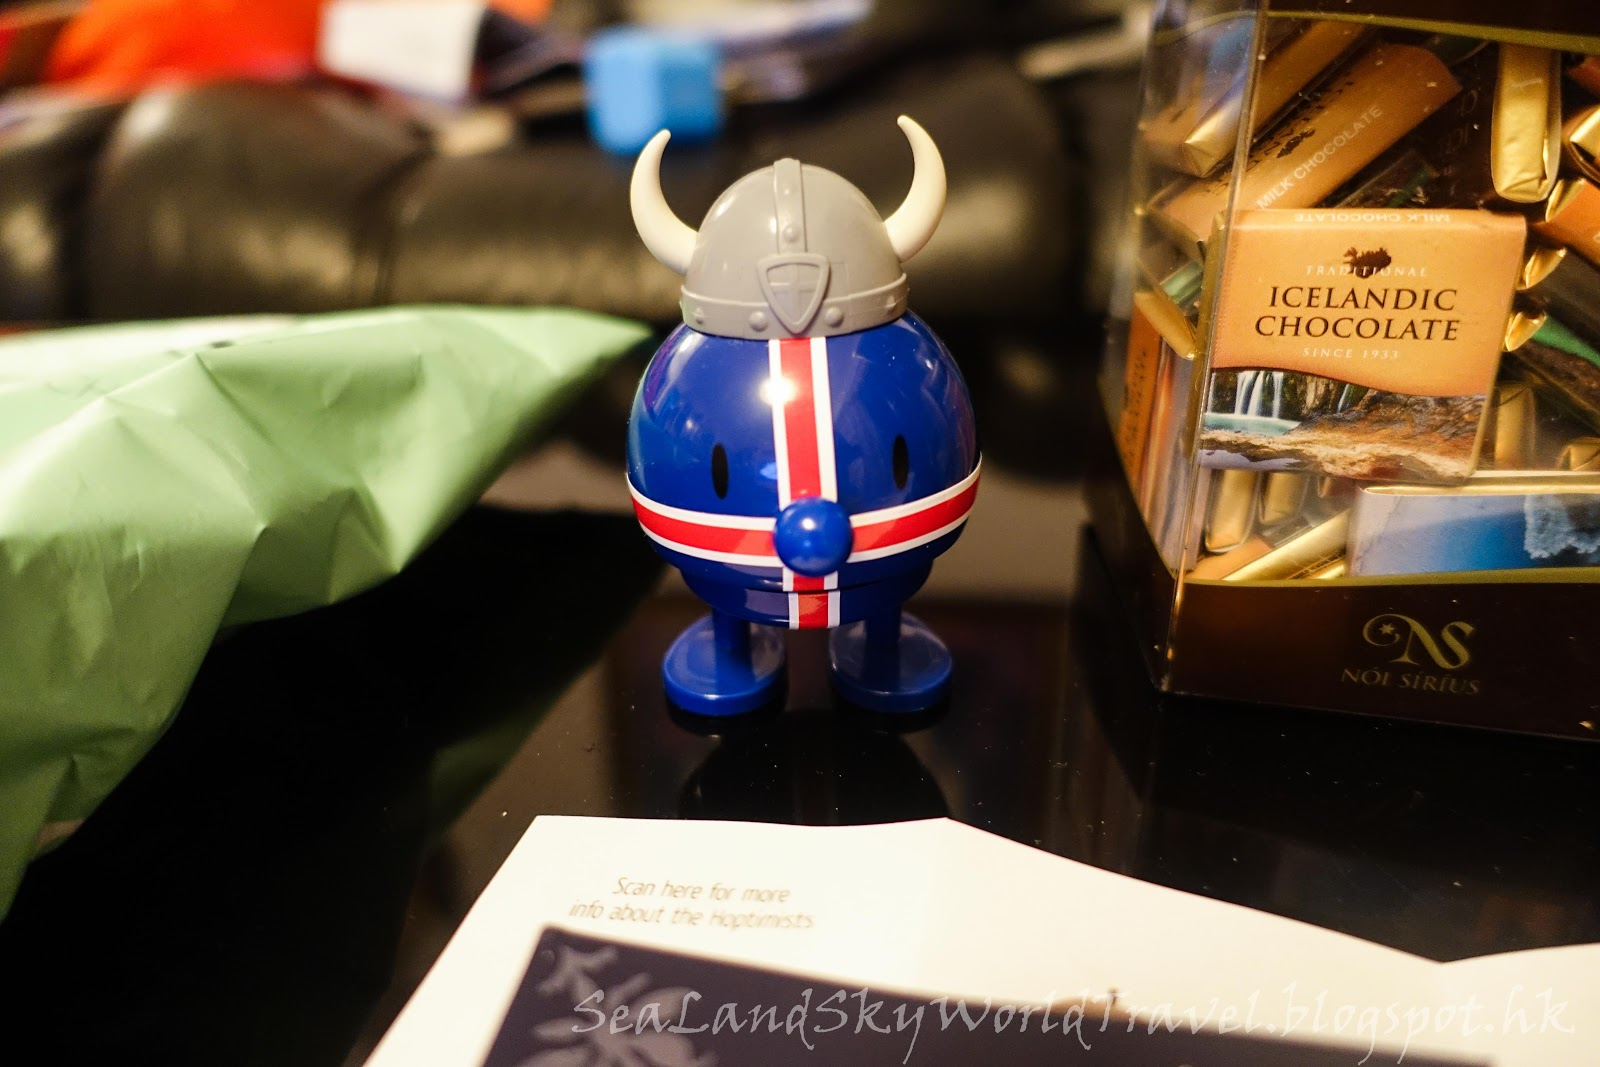 海陸空遊世界: 冰島, 北挪威, 羅浮敦群島手信